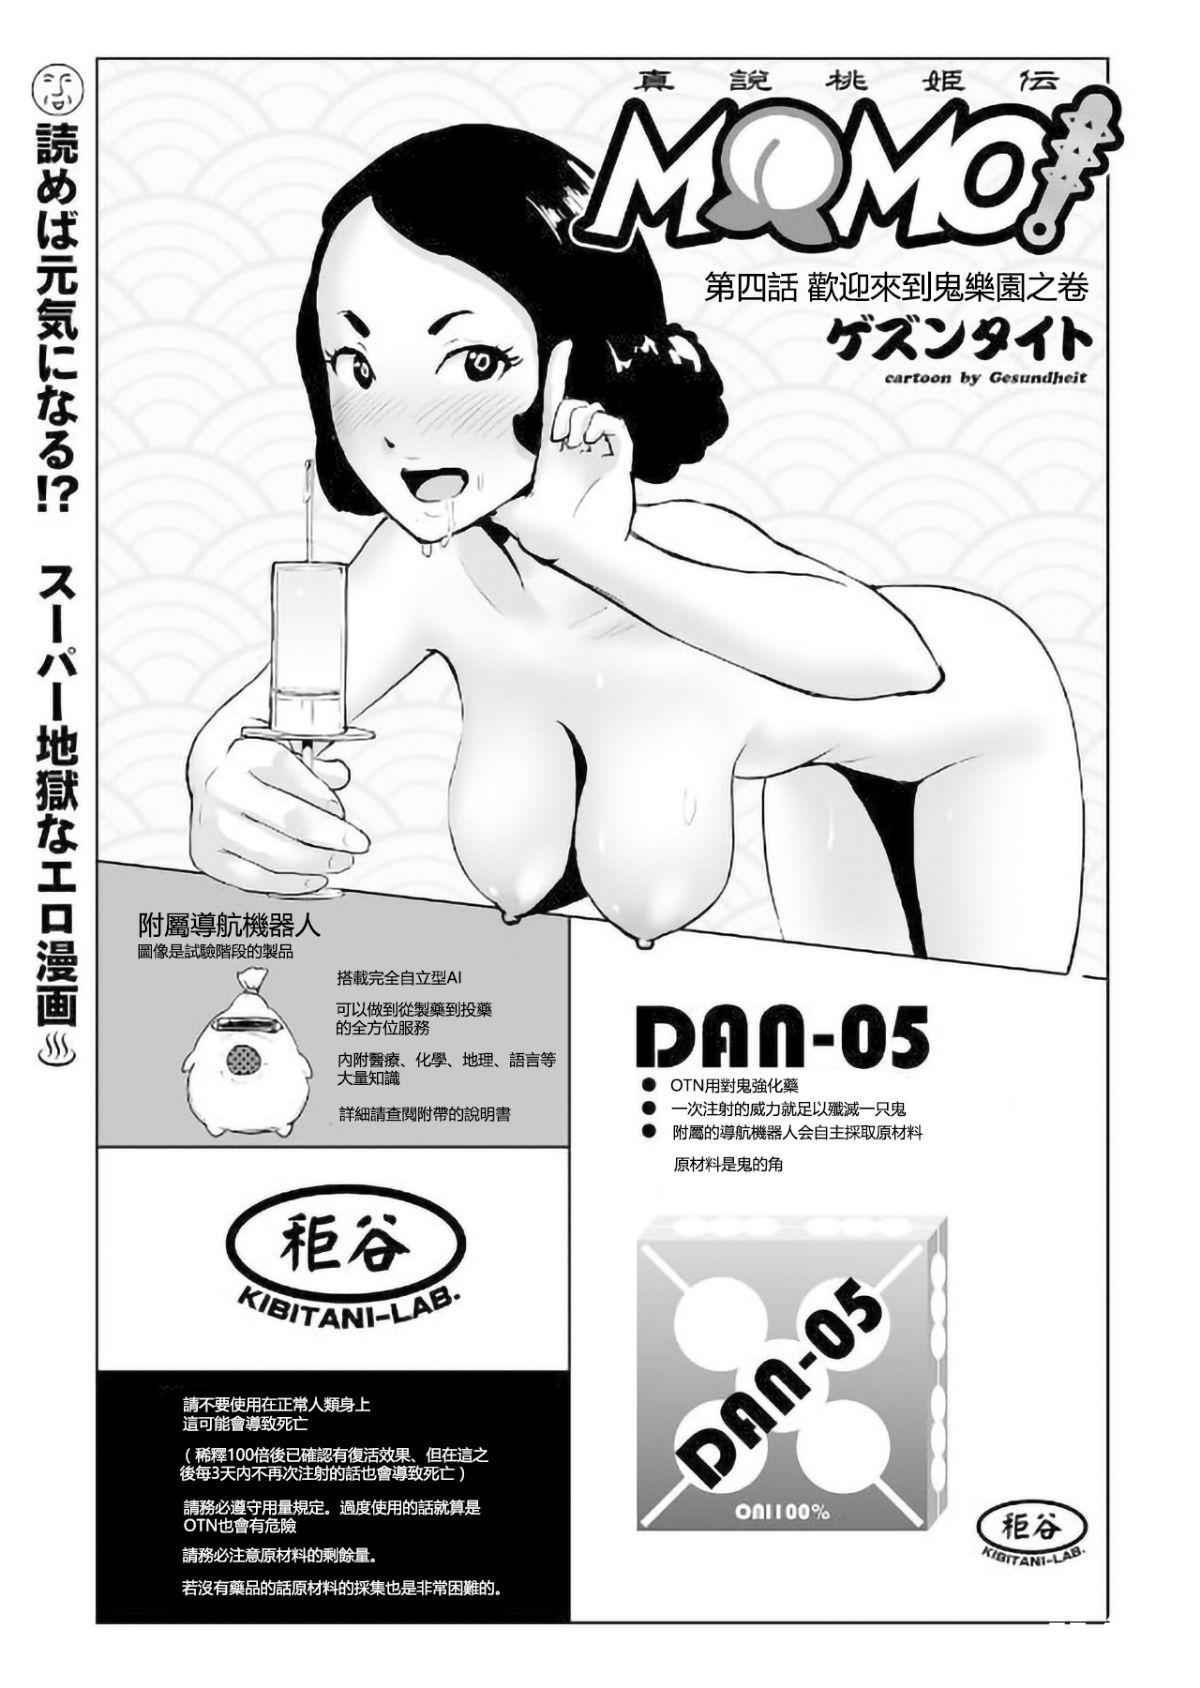 [ゲズンタイト] MOMO! 第四話 ようこそ鬼ランドの巻 (COMIC クリベロン 2017年9月號 Vol.59) - 情色卡漫 -